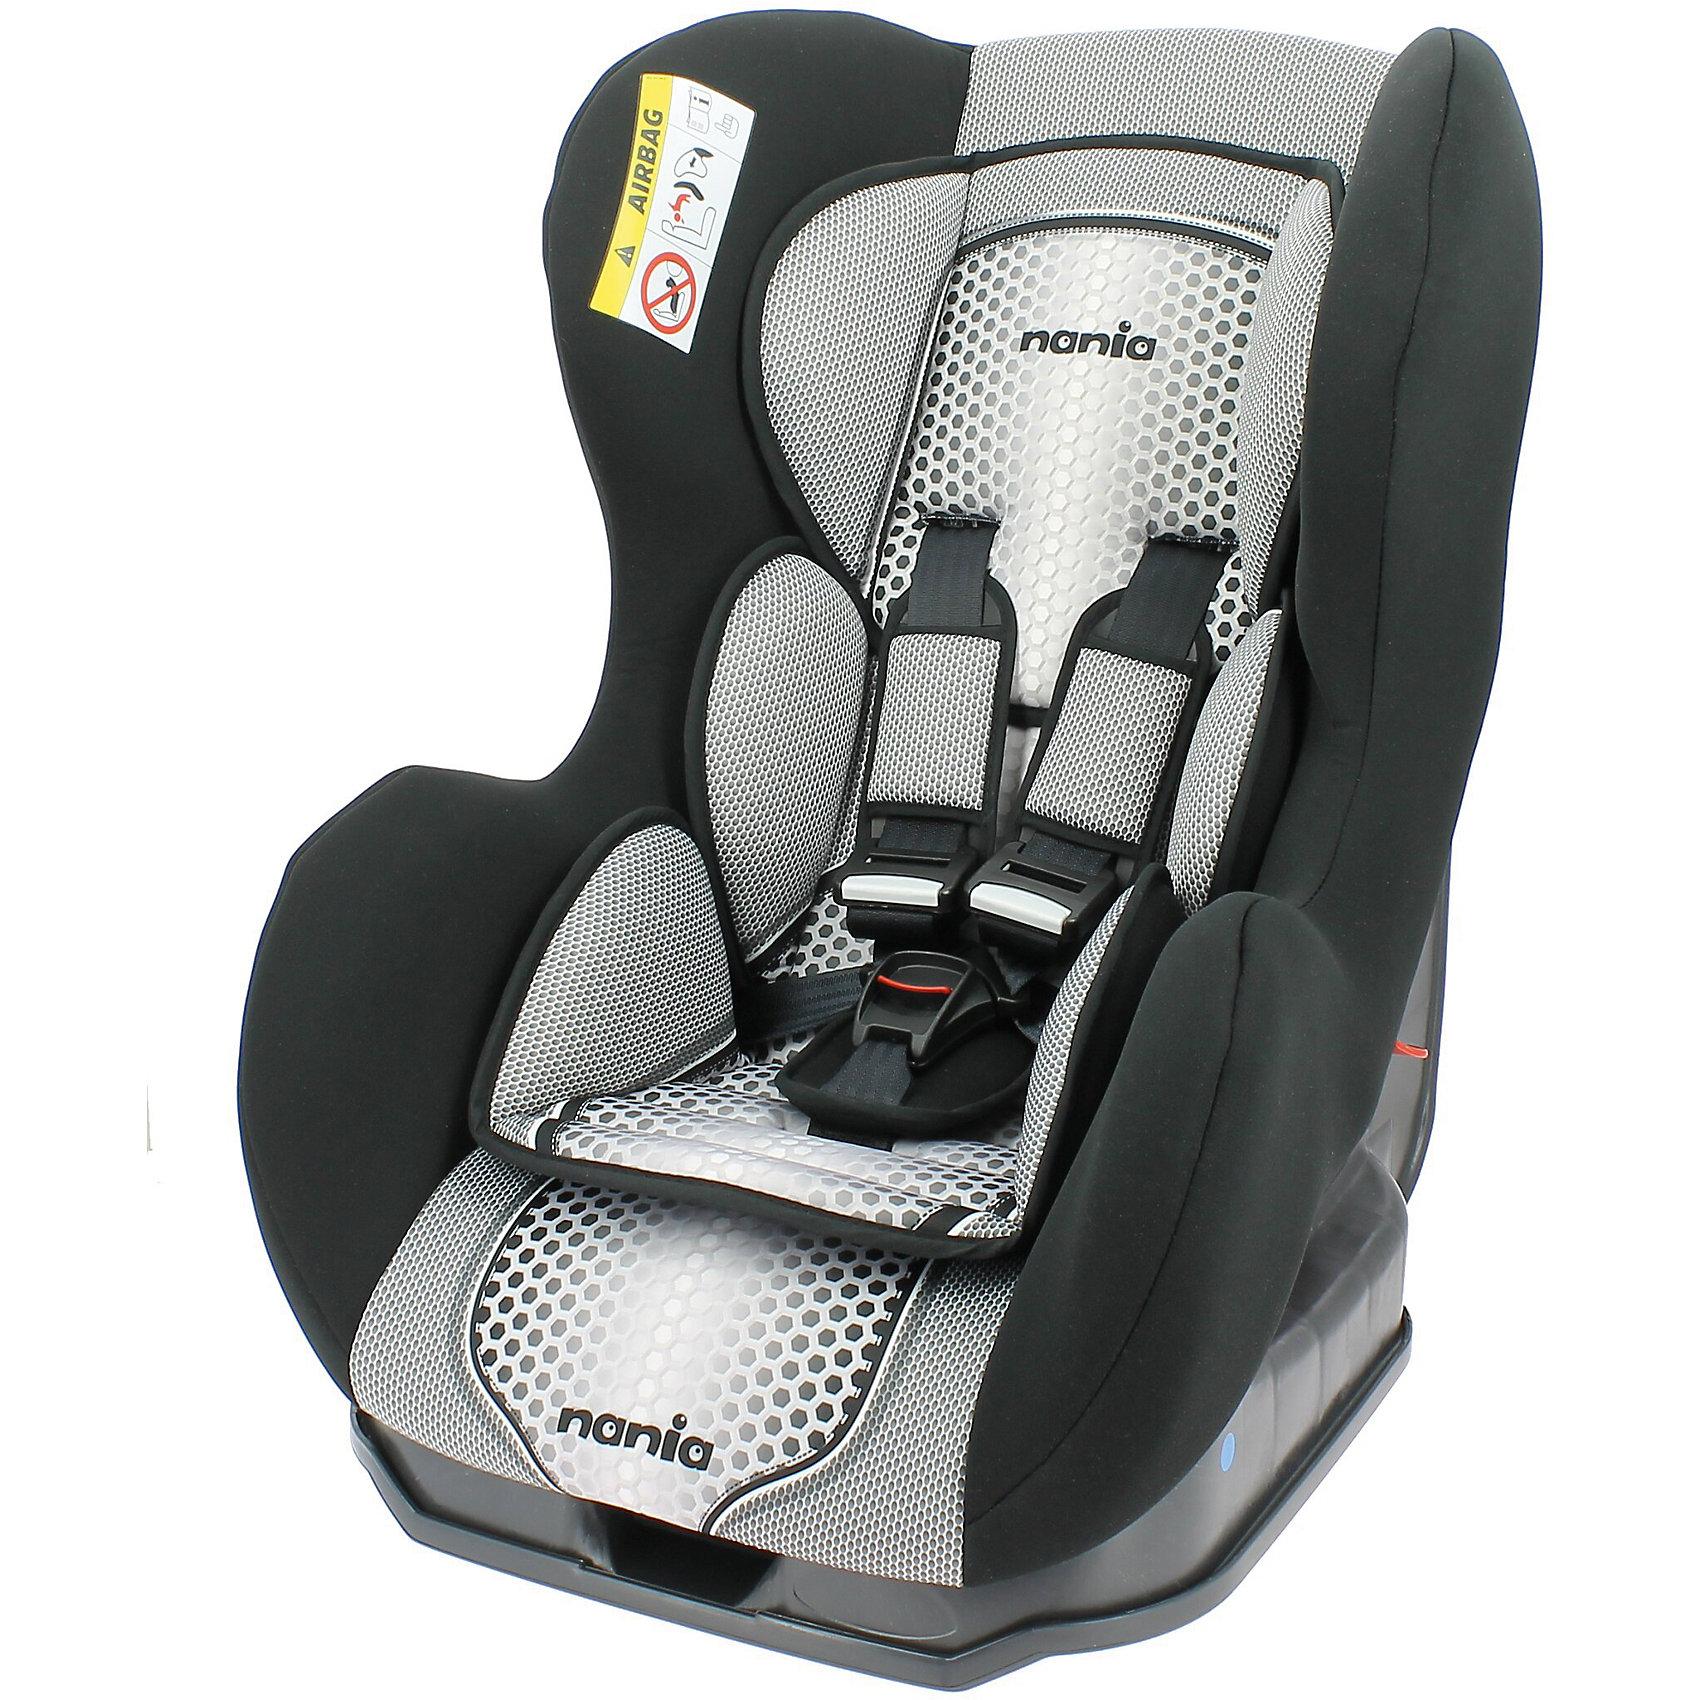 Автокресло Nania Cosmo SP FST 0-18 кг, pop blackГруппа 0+, 1 (До 18 кг)<br>Характеристики Nania Cosmo SP FST:<br><br>• группа 0+/1;<br>• вес ребенка: до 18 кг;<br>• возраст ребенка: от рождения до 4-х лет;<br>• способ установки: против хода (до 9 кг) и по ходу движения автомобиля (9-18кг);<br>• способ крепления: штатными ремнями безопасности автомобиля;<br>• 5-ти точечные ремни безопасности с мягкими накладками;<br>• угол наклона спинки регулируется: 3 положения;<br>• анатомический вкладыш для новорожденного, подголовник;<br>• дополнительная защита от боковых ударов, система SP (side protection);<br>• съемные чехлы, стирка при температуре 30 градусов;<br>• материал: пластик, полиэстер;<br>• стандарт безопасности: ЕСЕ R44/03.<br><br>Размер автокресла: 54х45х61 см<br>Размер сиденья: 33х31 см<br>Высота спинки: 55 см<br>Вес автокресла: 5,7 кг<br><br>Автокресло Nania Cosmo SP FST устанавливается как по ходу движения, так и против хода движения автомобиля, как на заднем сиденье автомобиля, так и на переднем сиденье автомобиля (с условием отключения подушки безопасности). Регулируемая спинка дает возможность малышу занять удобное положение, как во время сна, так и во время бодрствования. Автокресло соответствует всем стандартам безопасности.<br><br>Автокресло Cosmo SP FST 0-18 кг., Nania, pop black можно купить в нашем интернет-магазине.<br><br>Ширина мм: 600<br>Глубина мм: 500<br>Высота мм: 700<br>Вес г: 6000<br>Возраст от месяцев: 0<br>Возраст до месяцев: 48<br>Пол: Унисекс<br>Возраст: Детский<br>SKU: 5350603